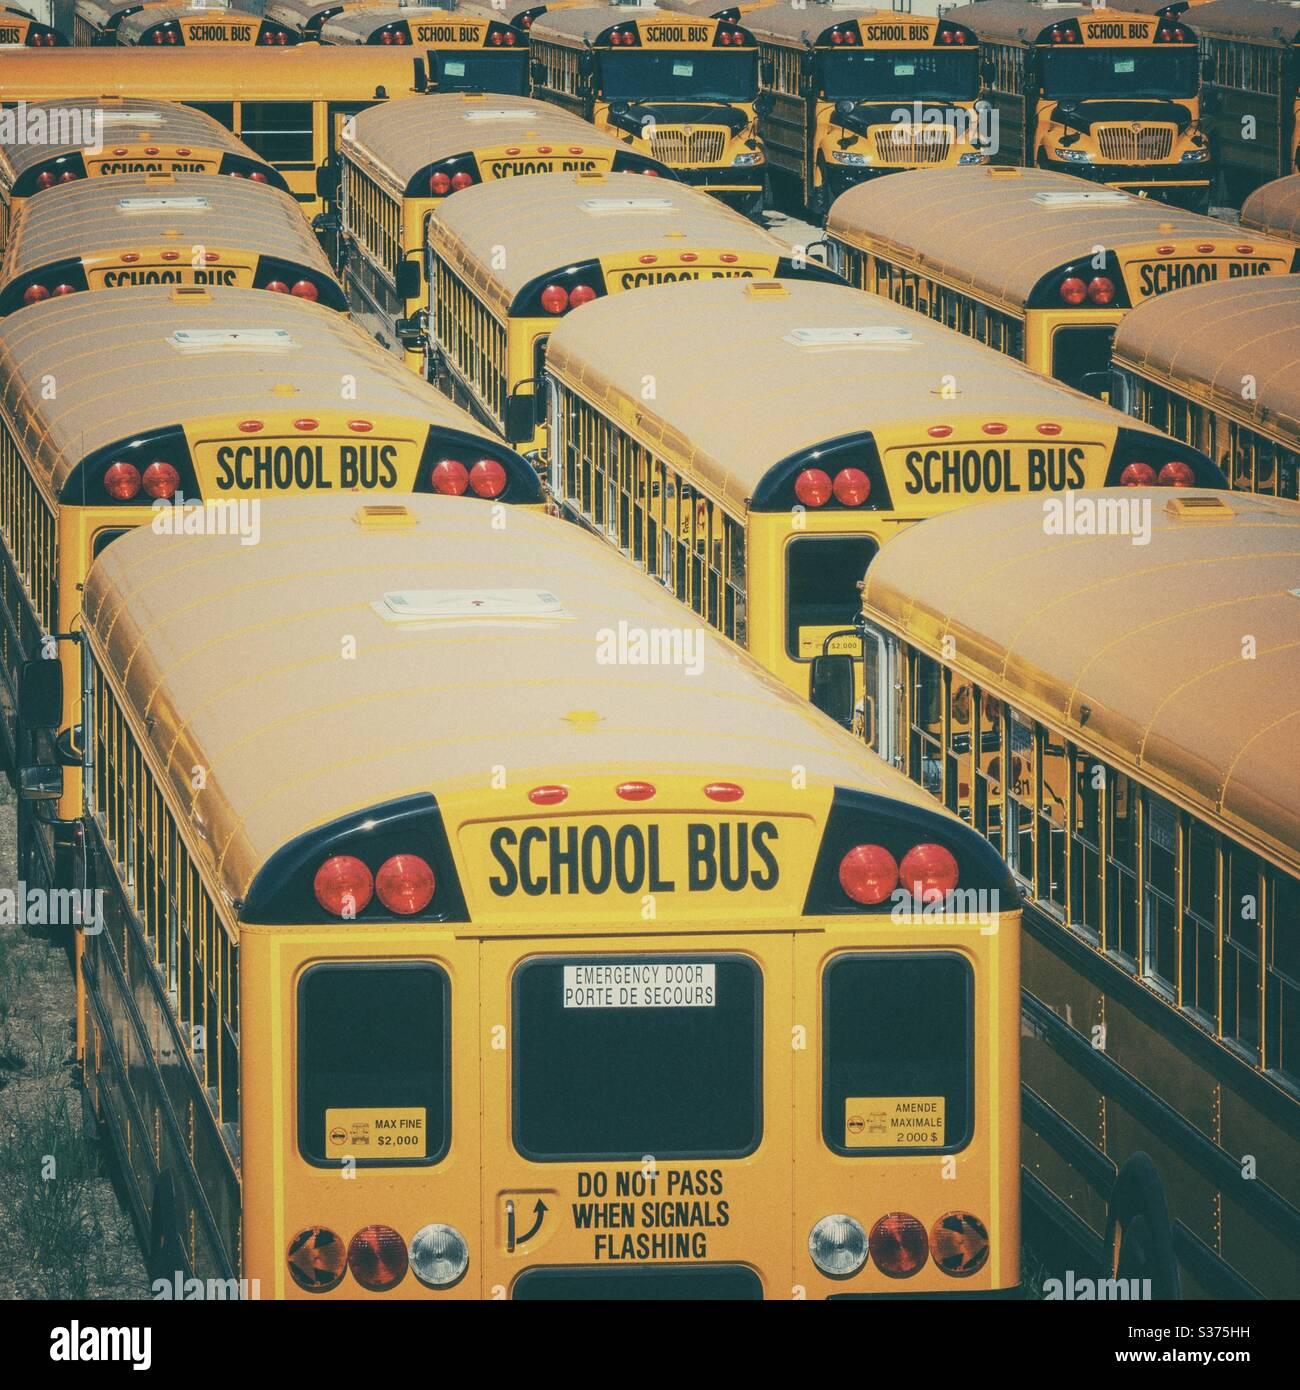 Gelbe nordamerikanische Schulbusse in EINEM Lagerhof Stockfoto